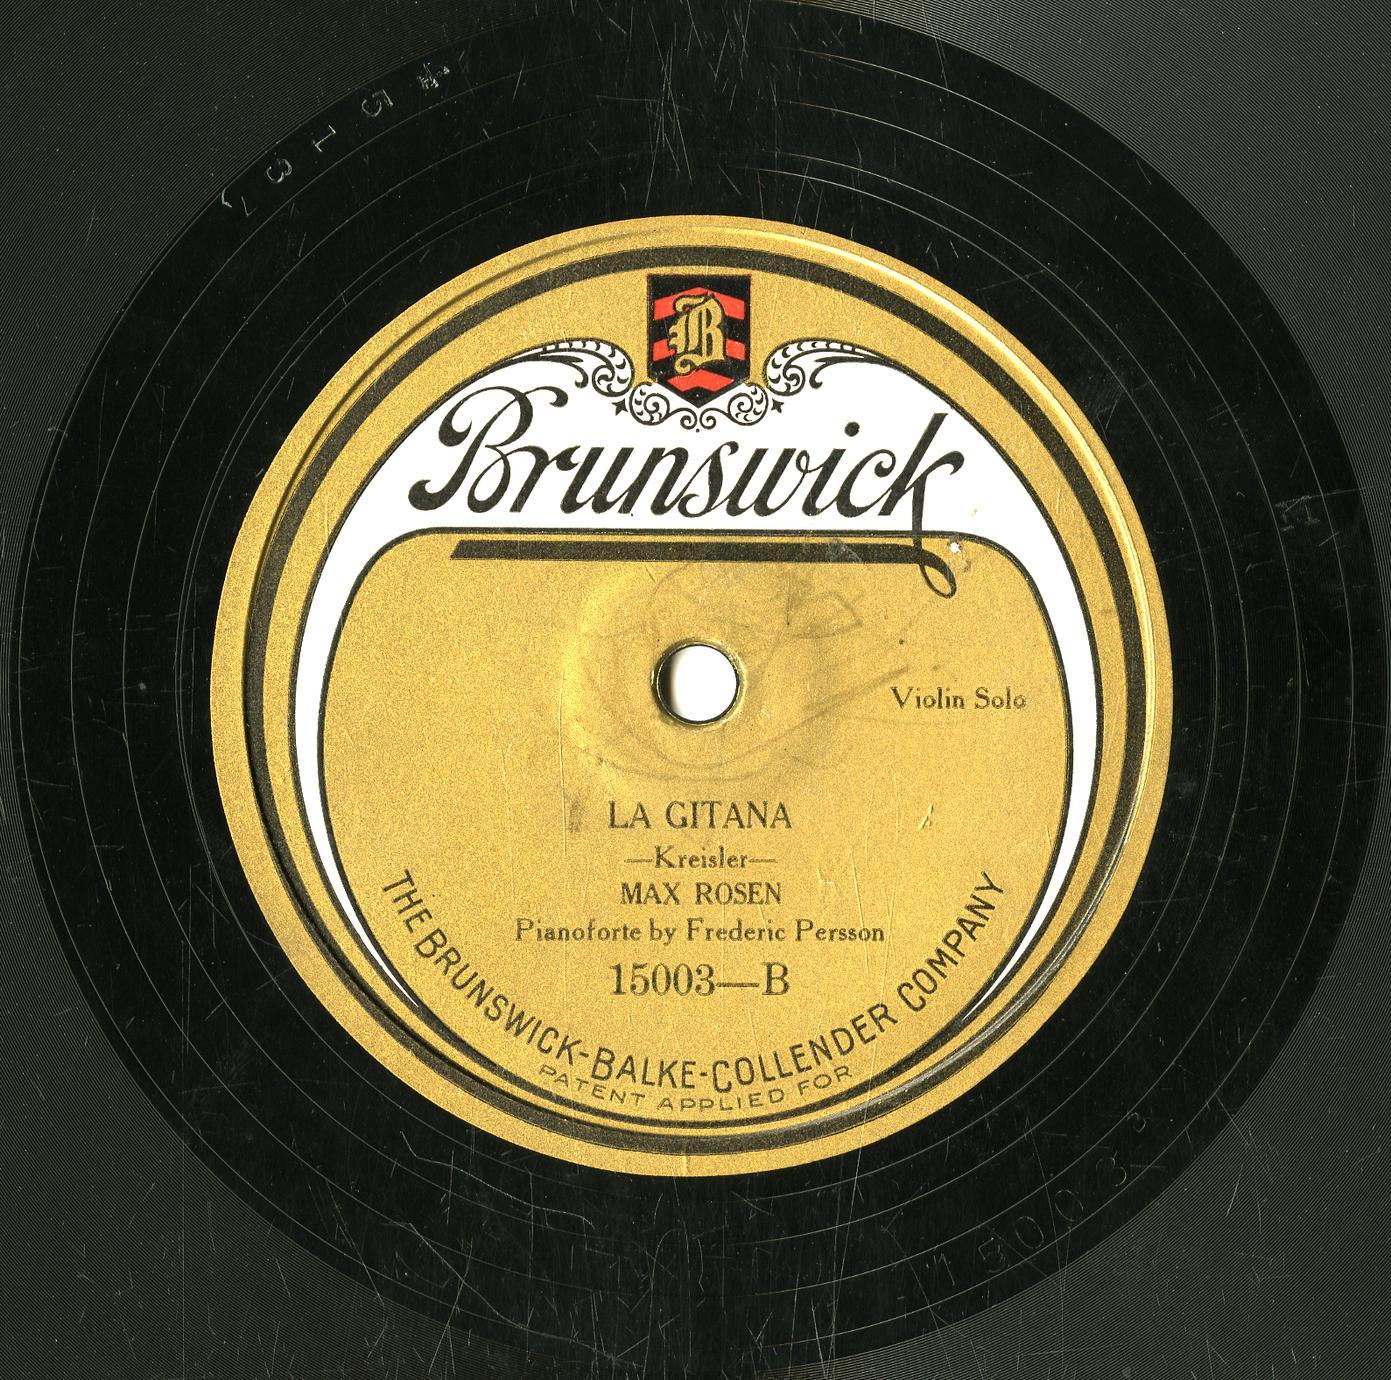 La gitana (1 of 2)